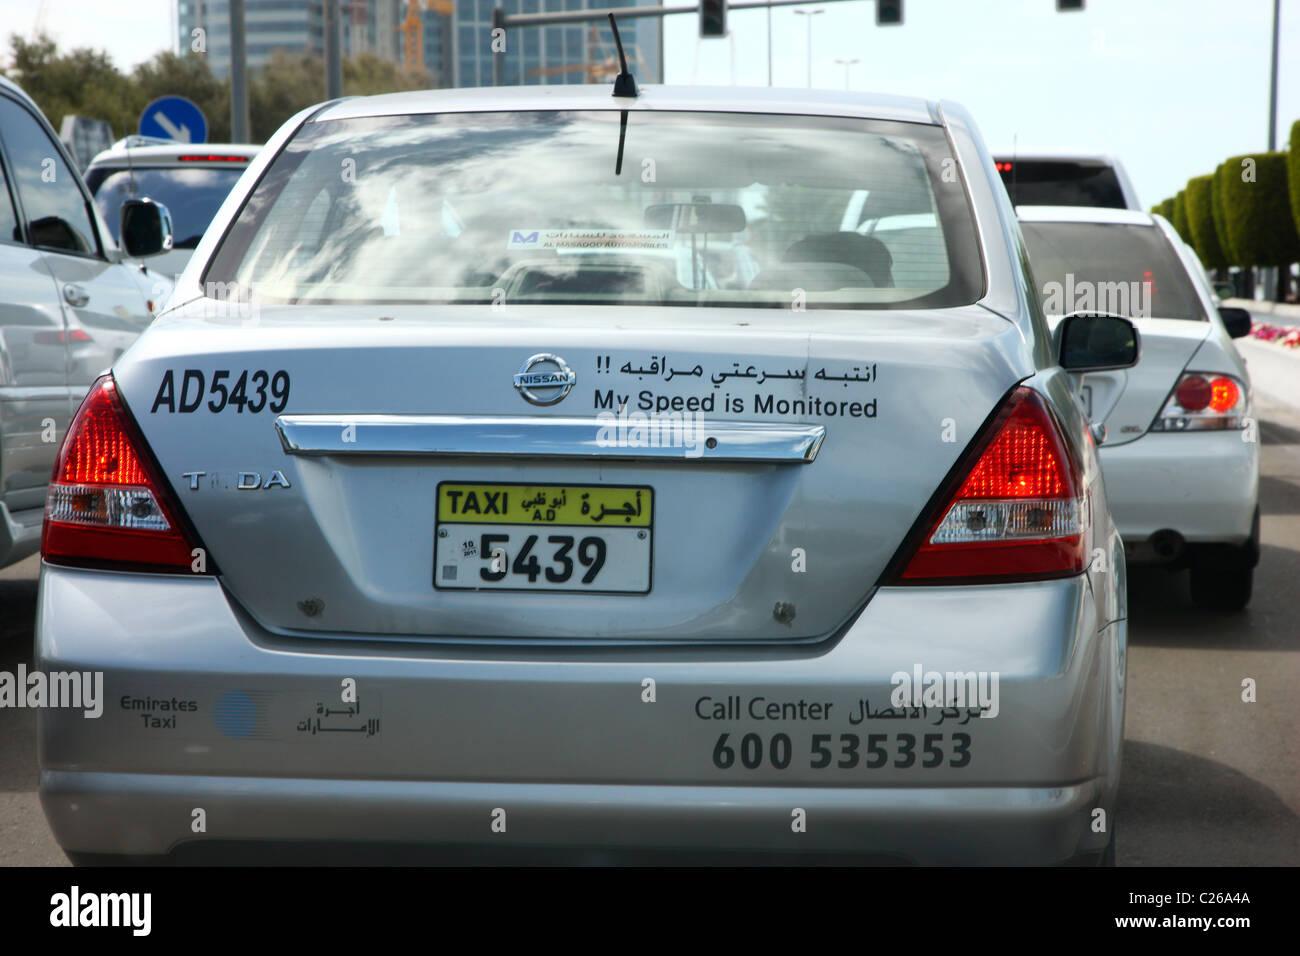 Taxi, GPS monitored, Abu Dhabi, United Arab Emirates - Stock Image